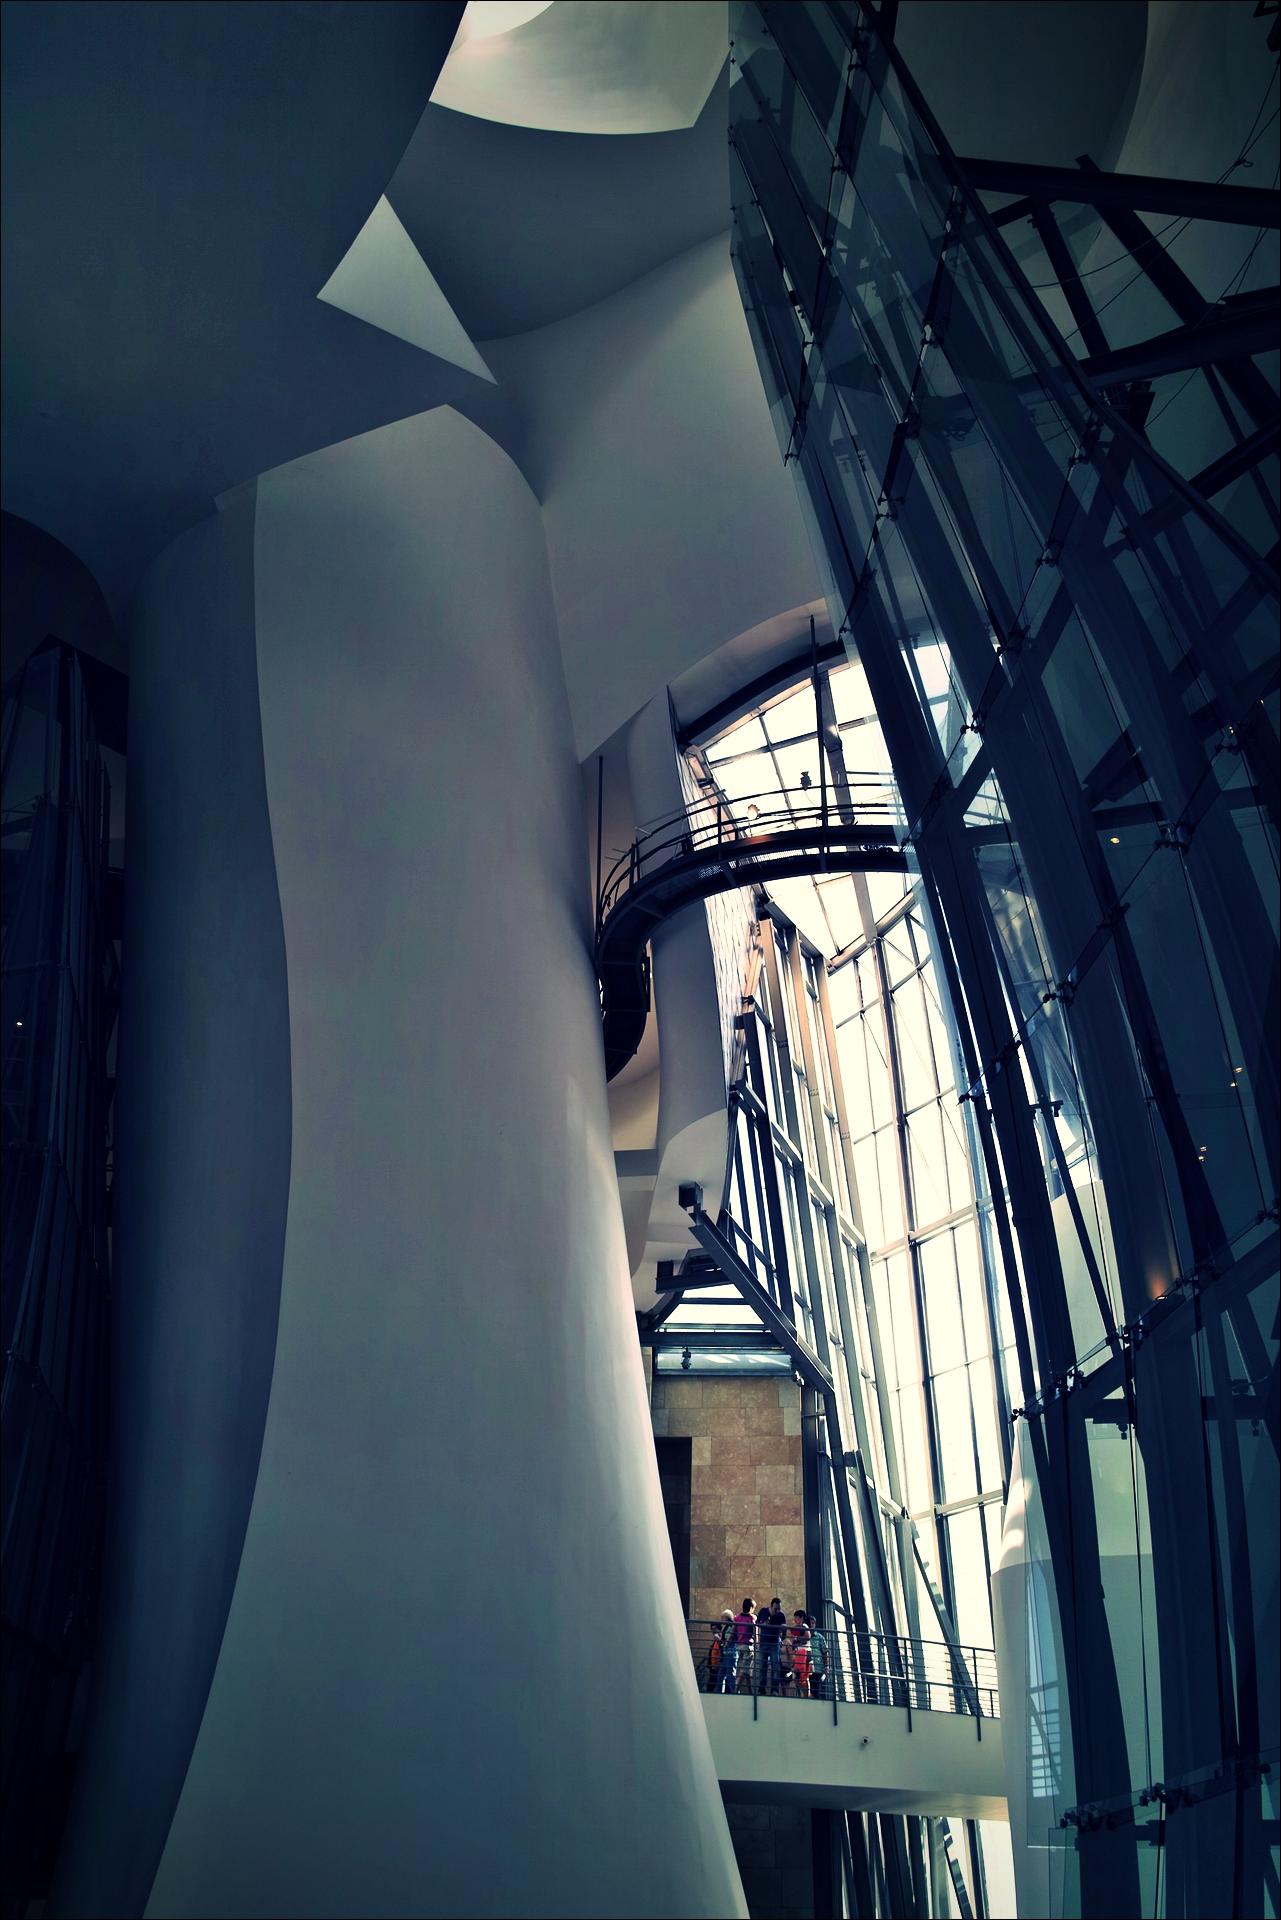 내부-'빌바오 구겐하임 미술관 Guggenheim museum bilbao'